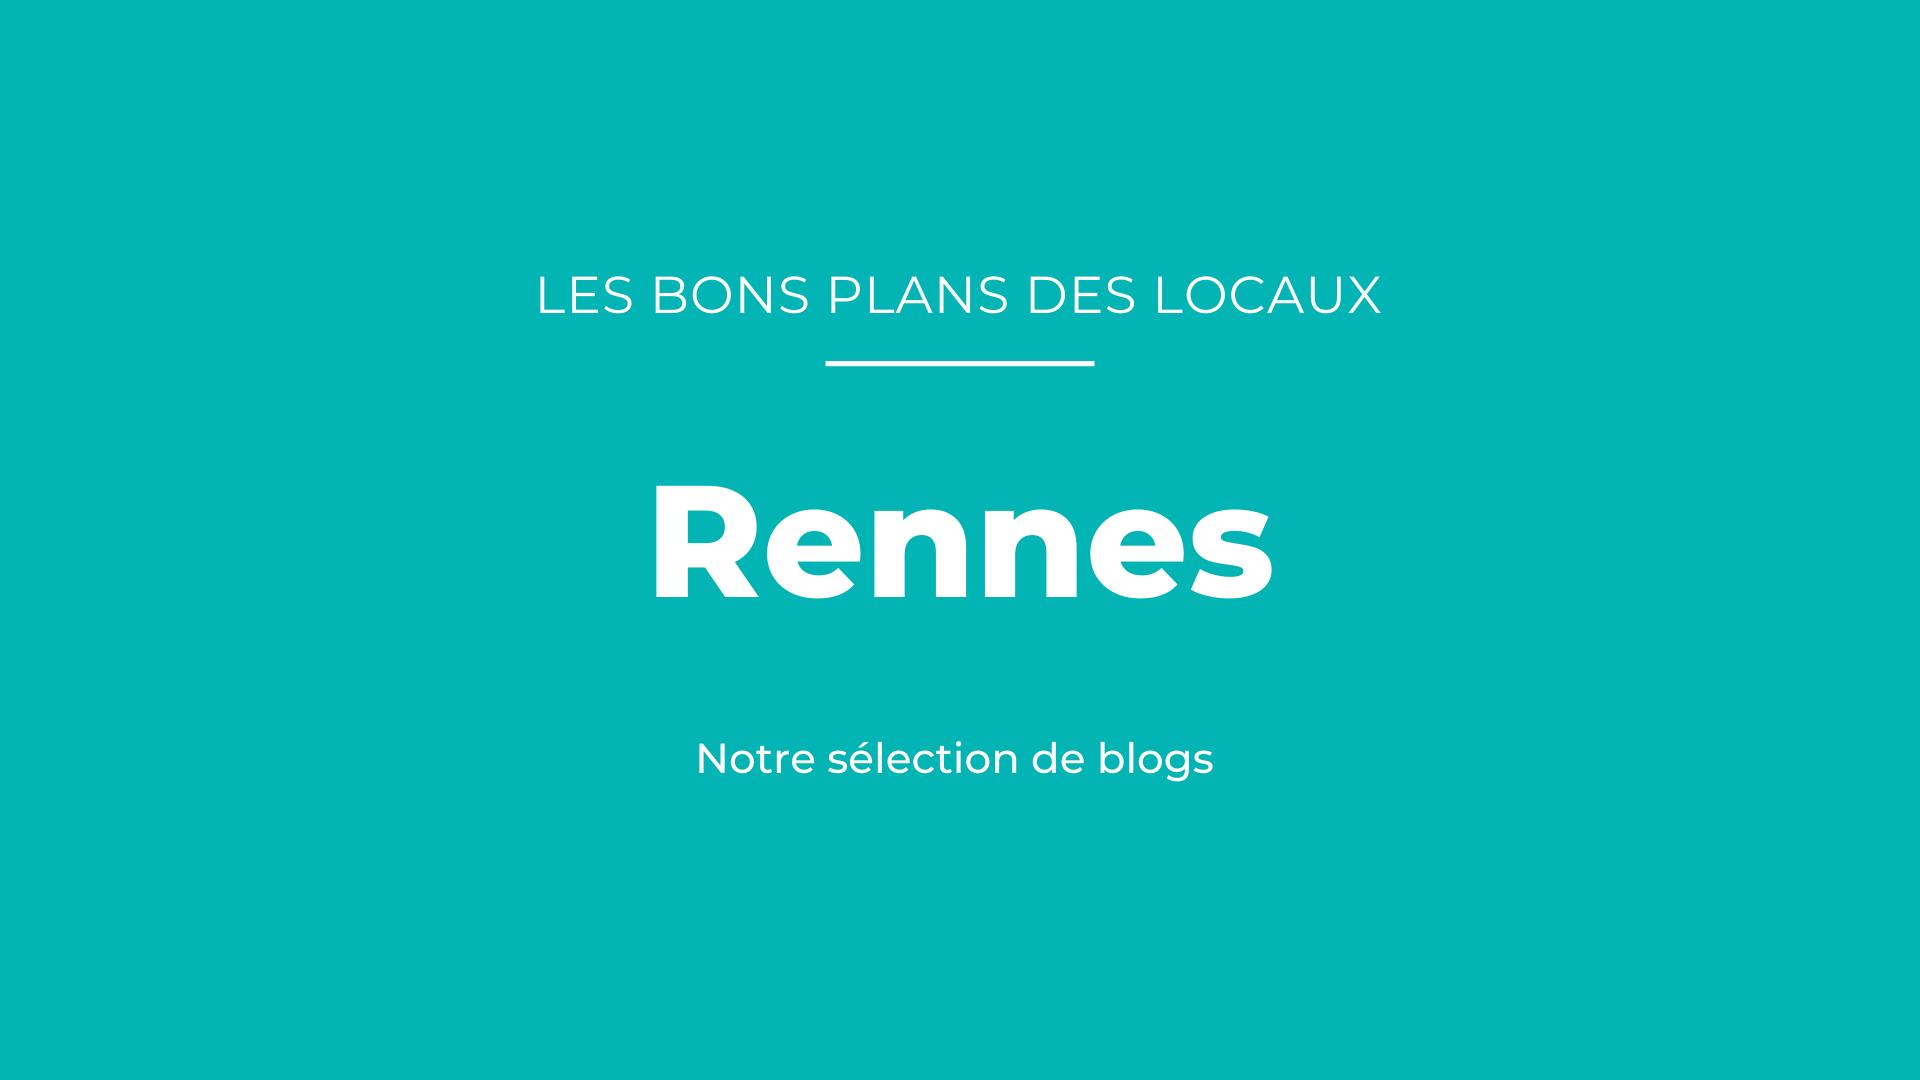 Notre sélection de blogs à Rennes